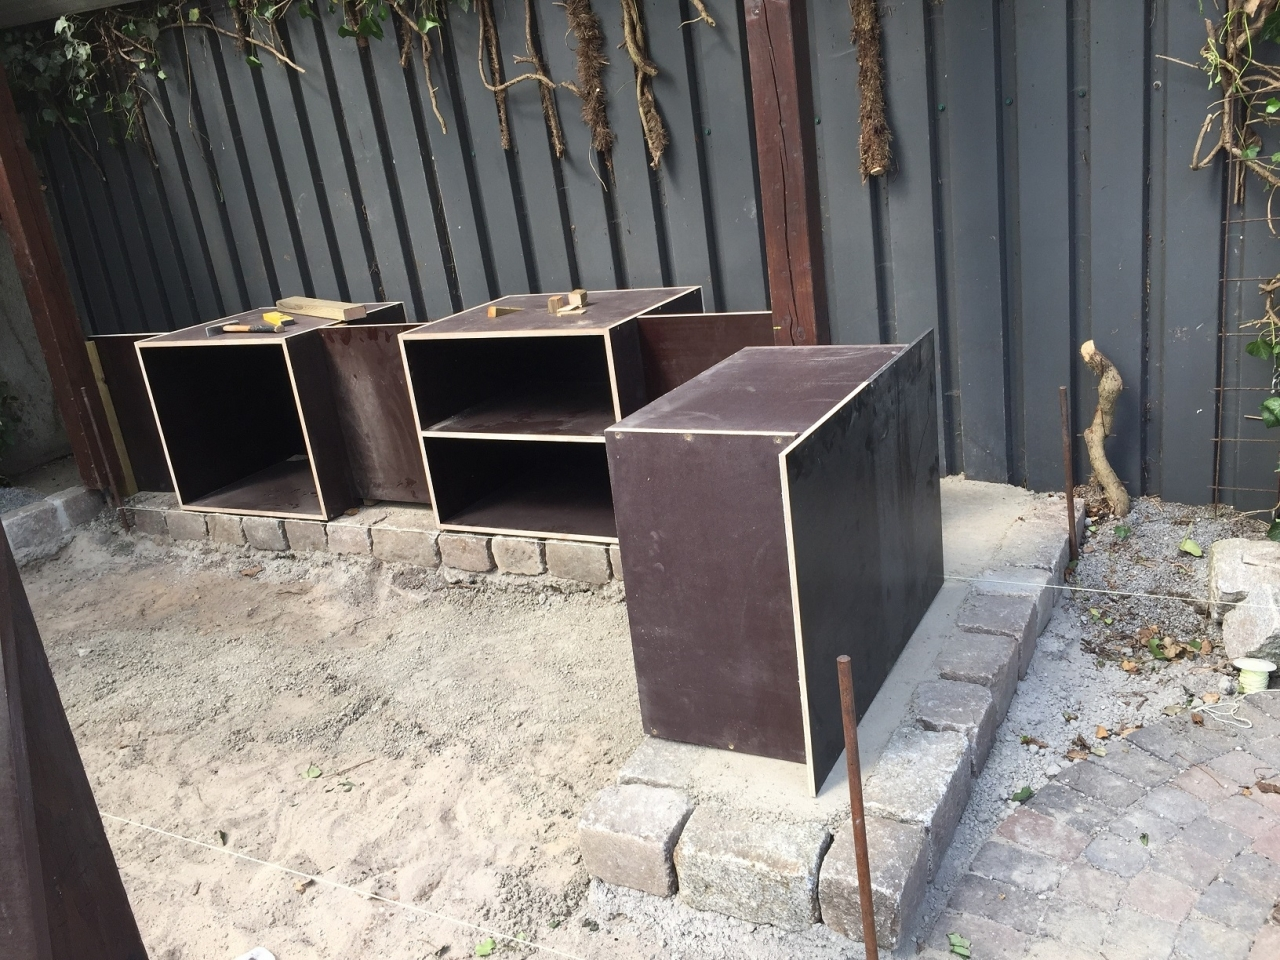 Schränke Für Außenküche : Aussenküche & terrasse bauanleitung zum selberbauen 1 2 do.com